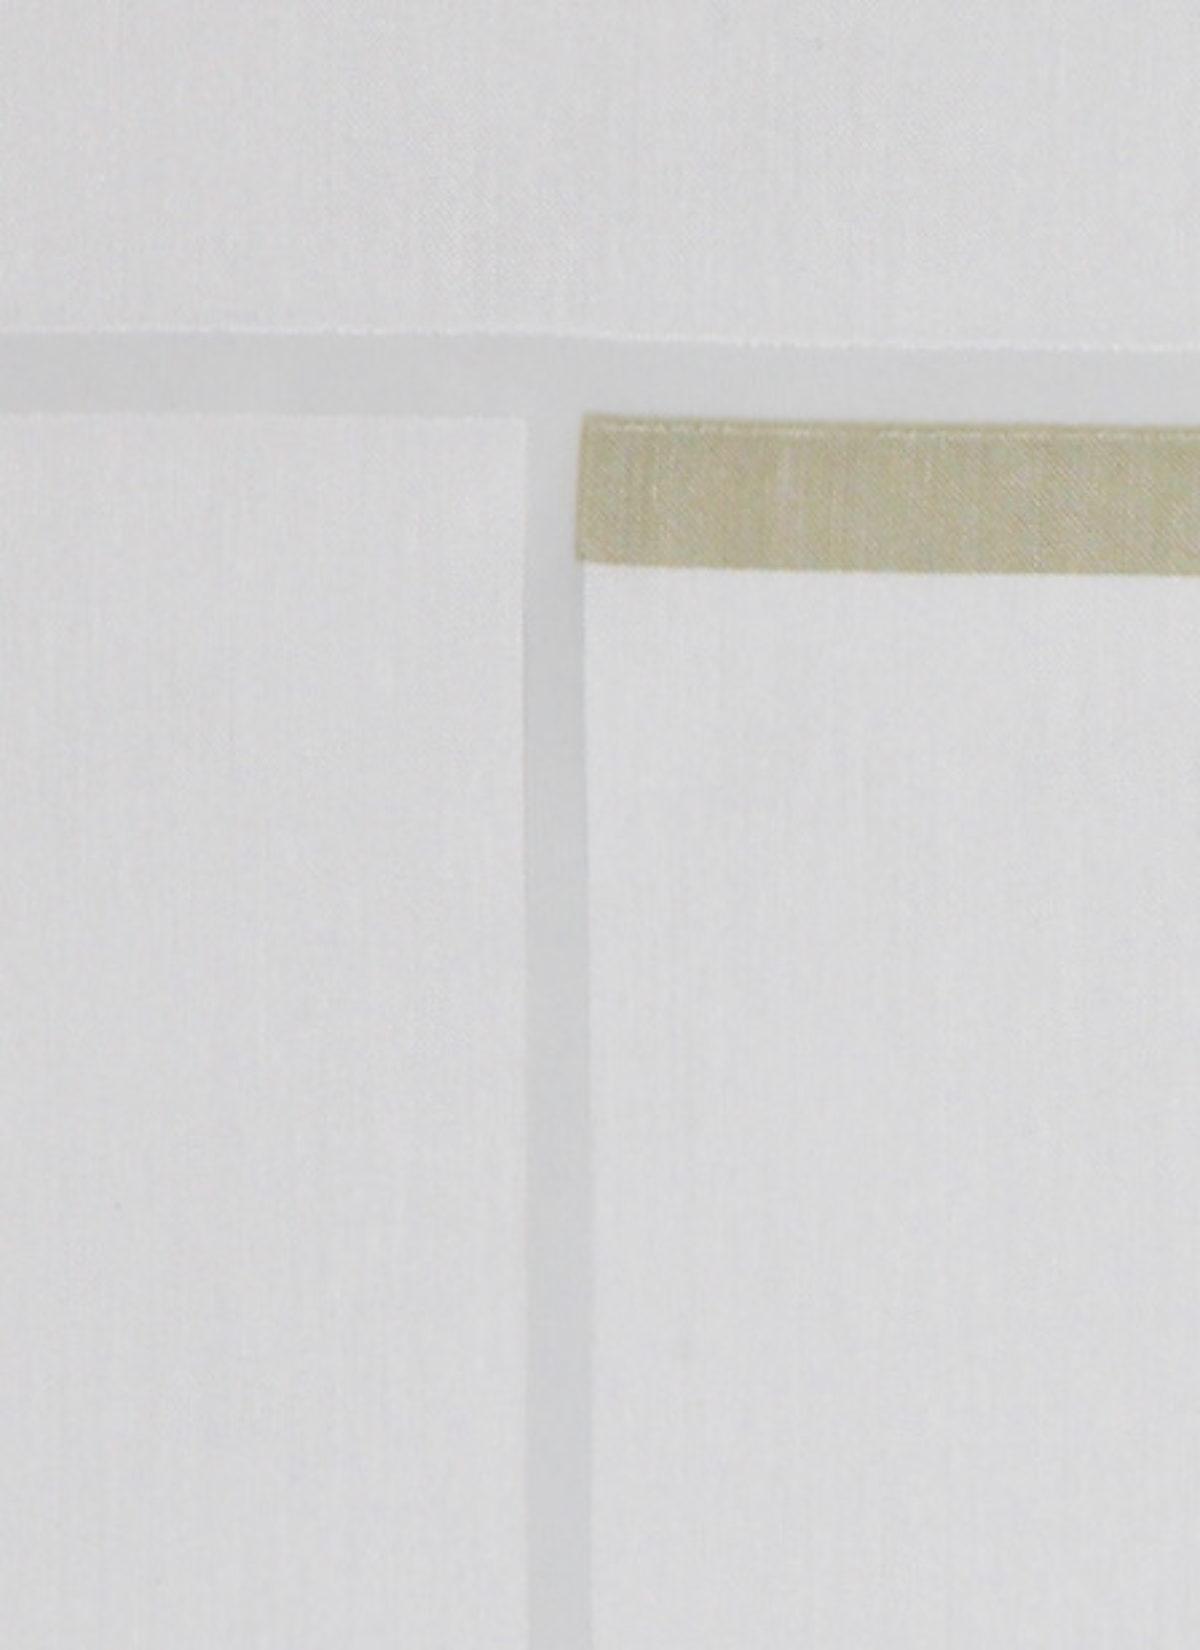 Kendix gordijnen in between vitrage stoffen collectie 0116760006 aksent 06 zoom